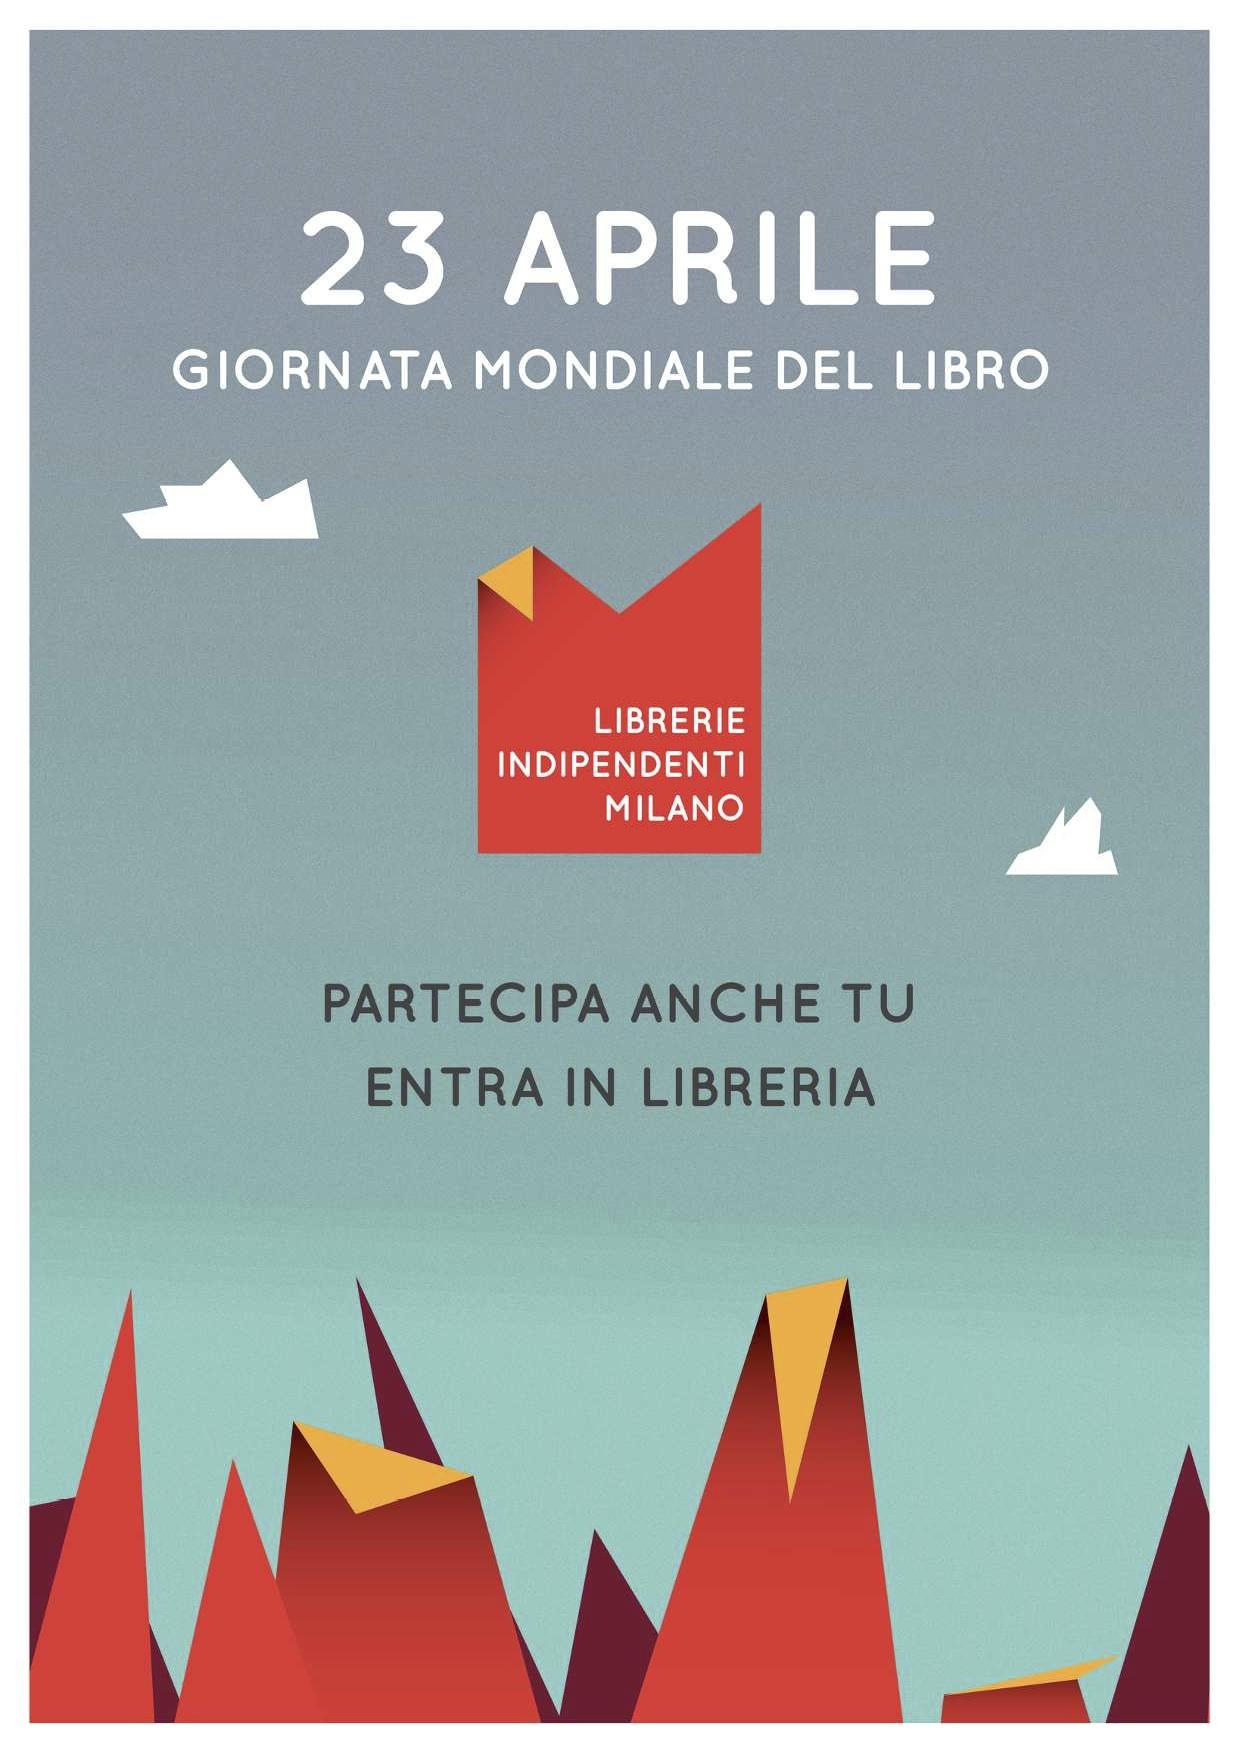 Aprile Giornata Mondiale Del Libro  Copy